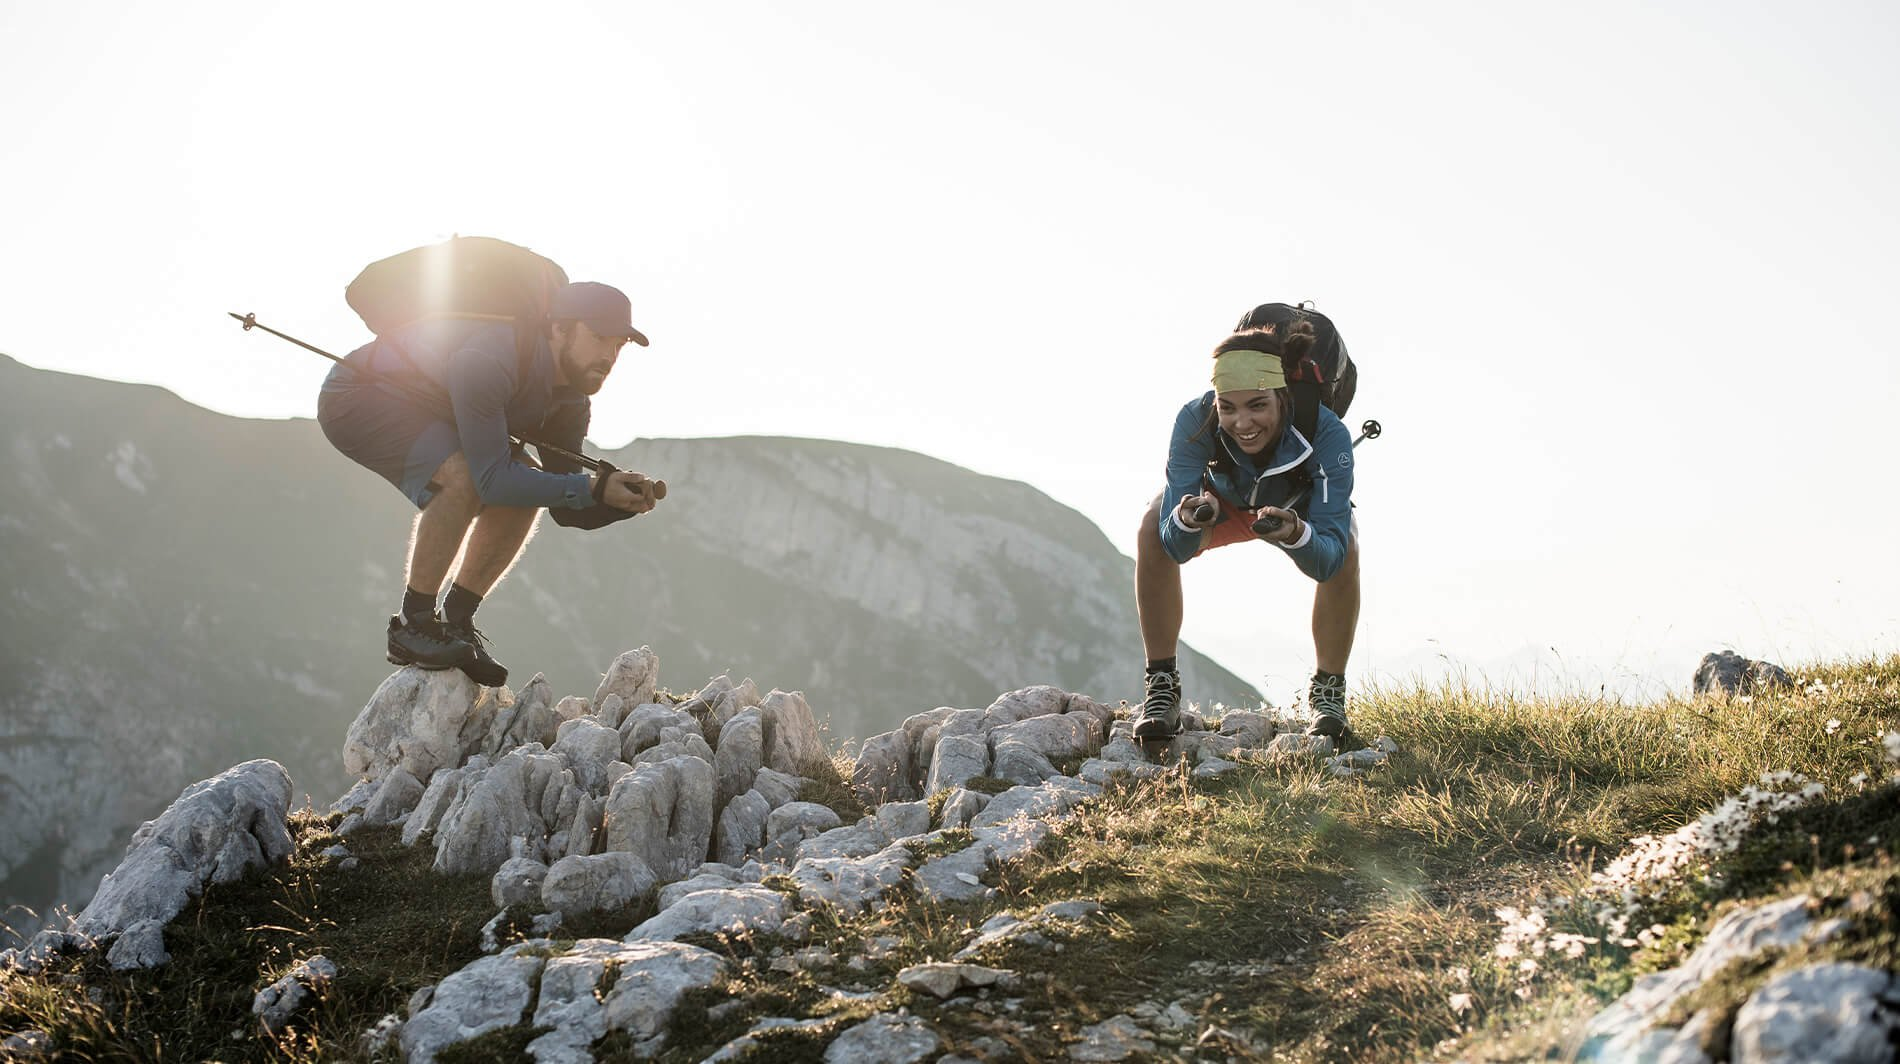 fast hiking scrambling trailrunning montaña